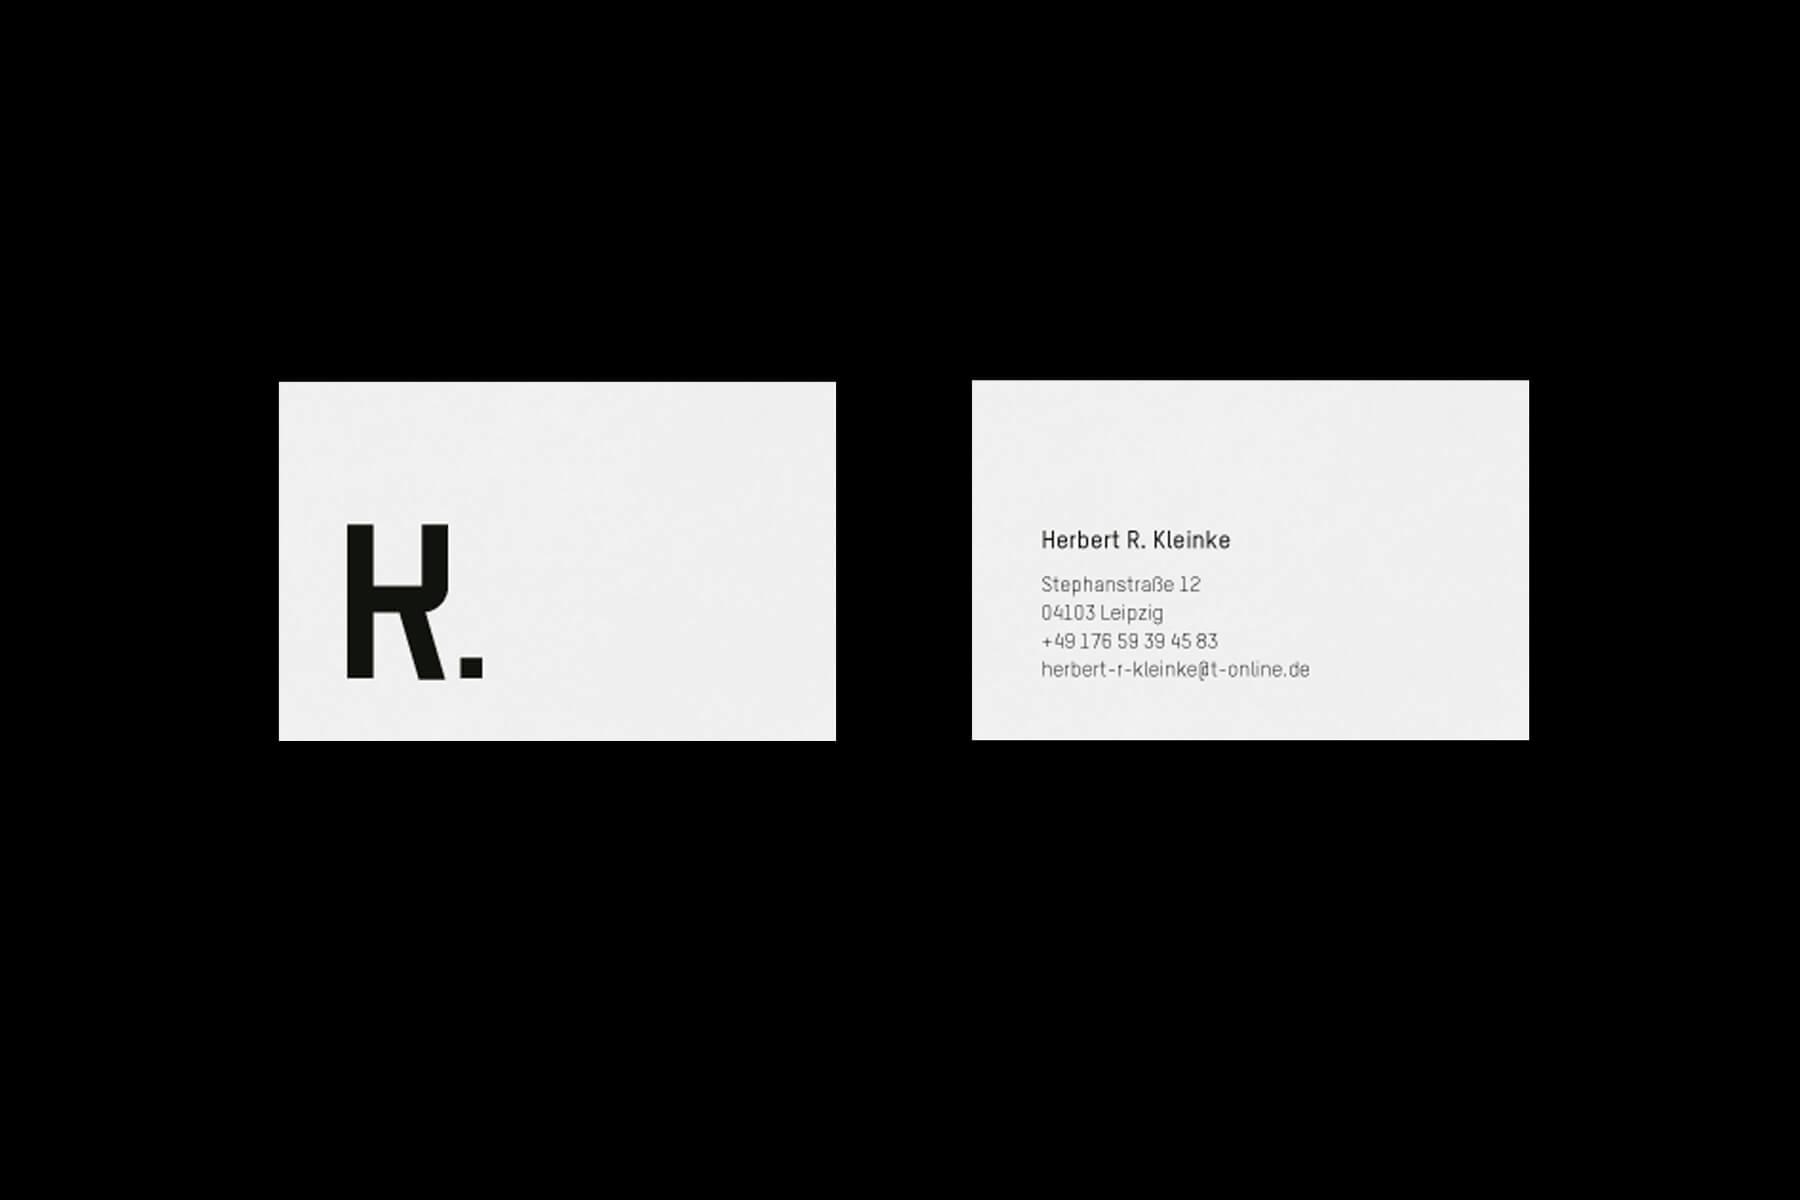 grafikdesign-janis-weidner-lindau-bodensee-identity-hrk-05